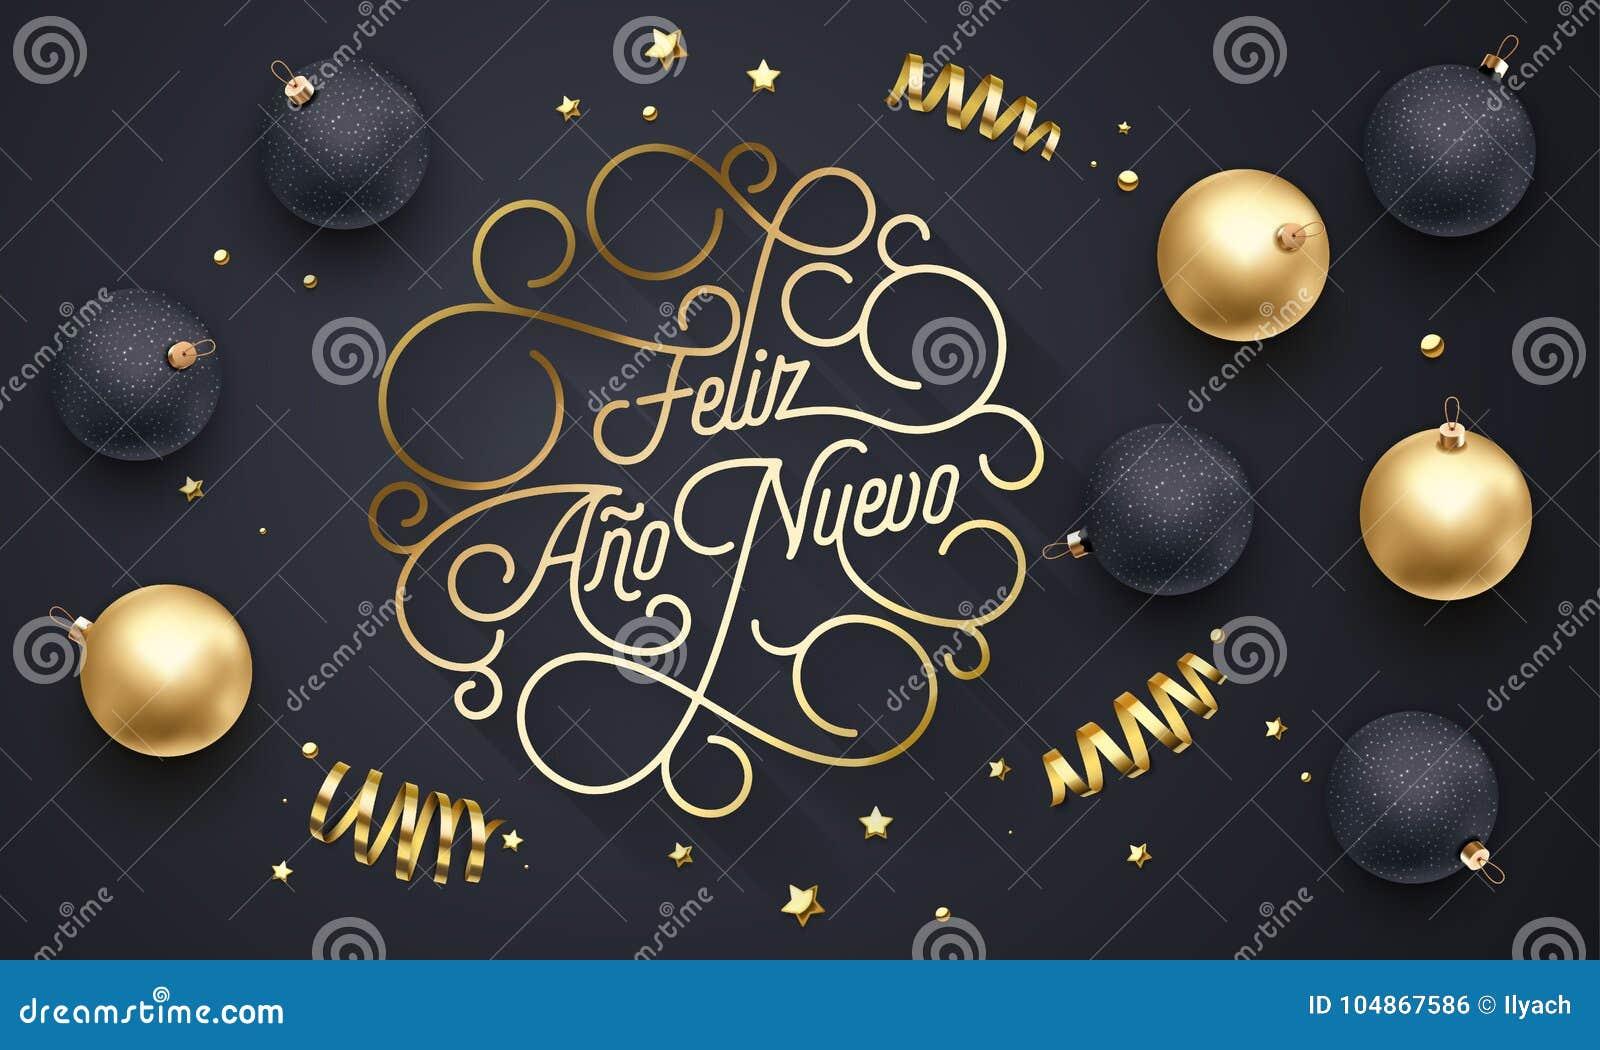 Feliz Ano Nuevo Spanish Happy New Year Navidad bloeit het gouden kalligrafie van letters voorzien van de kaartontwerp van de swas